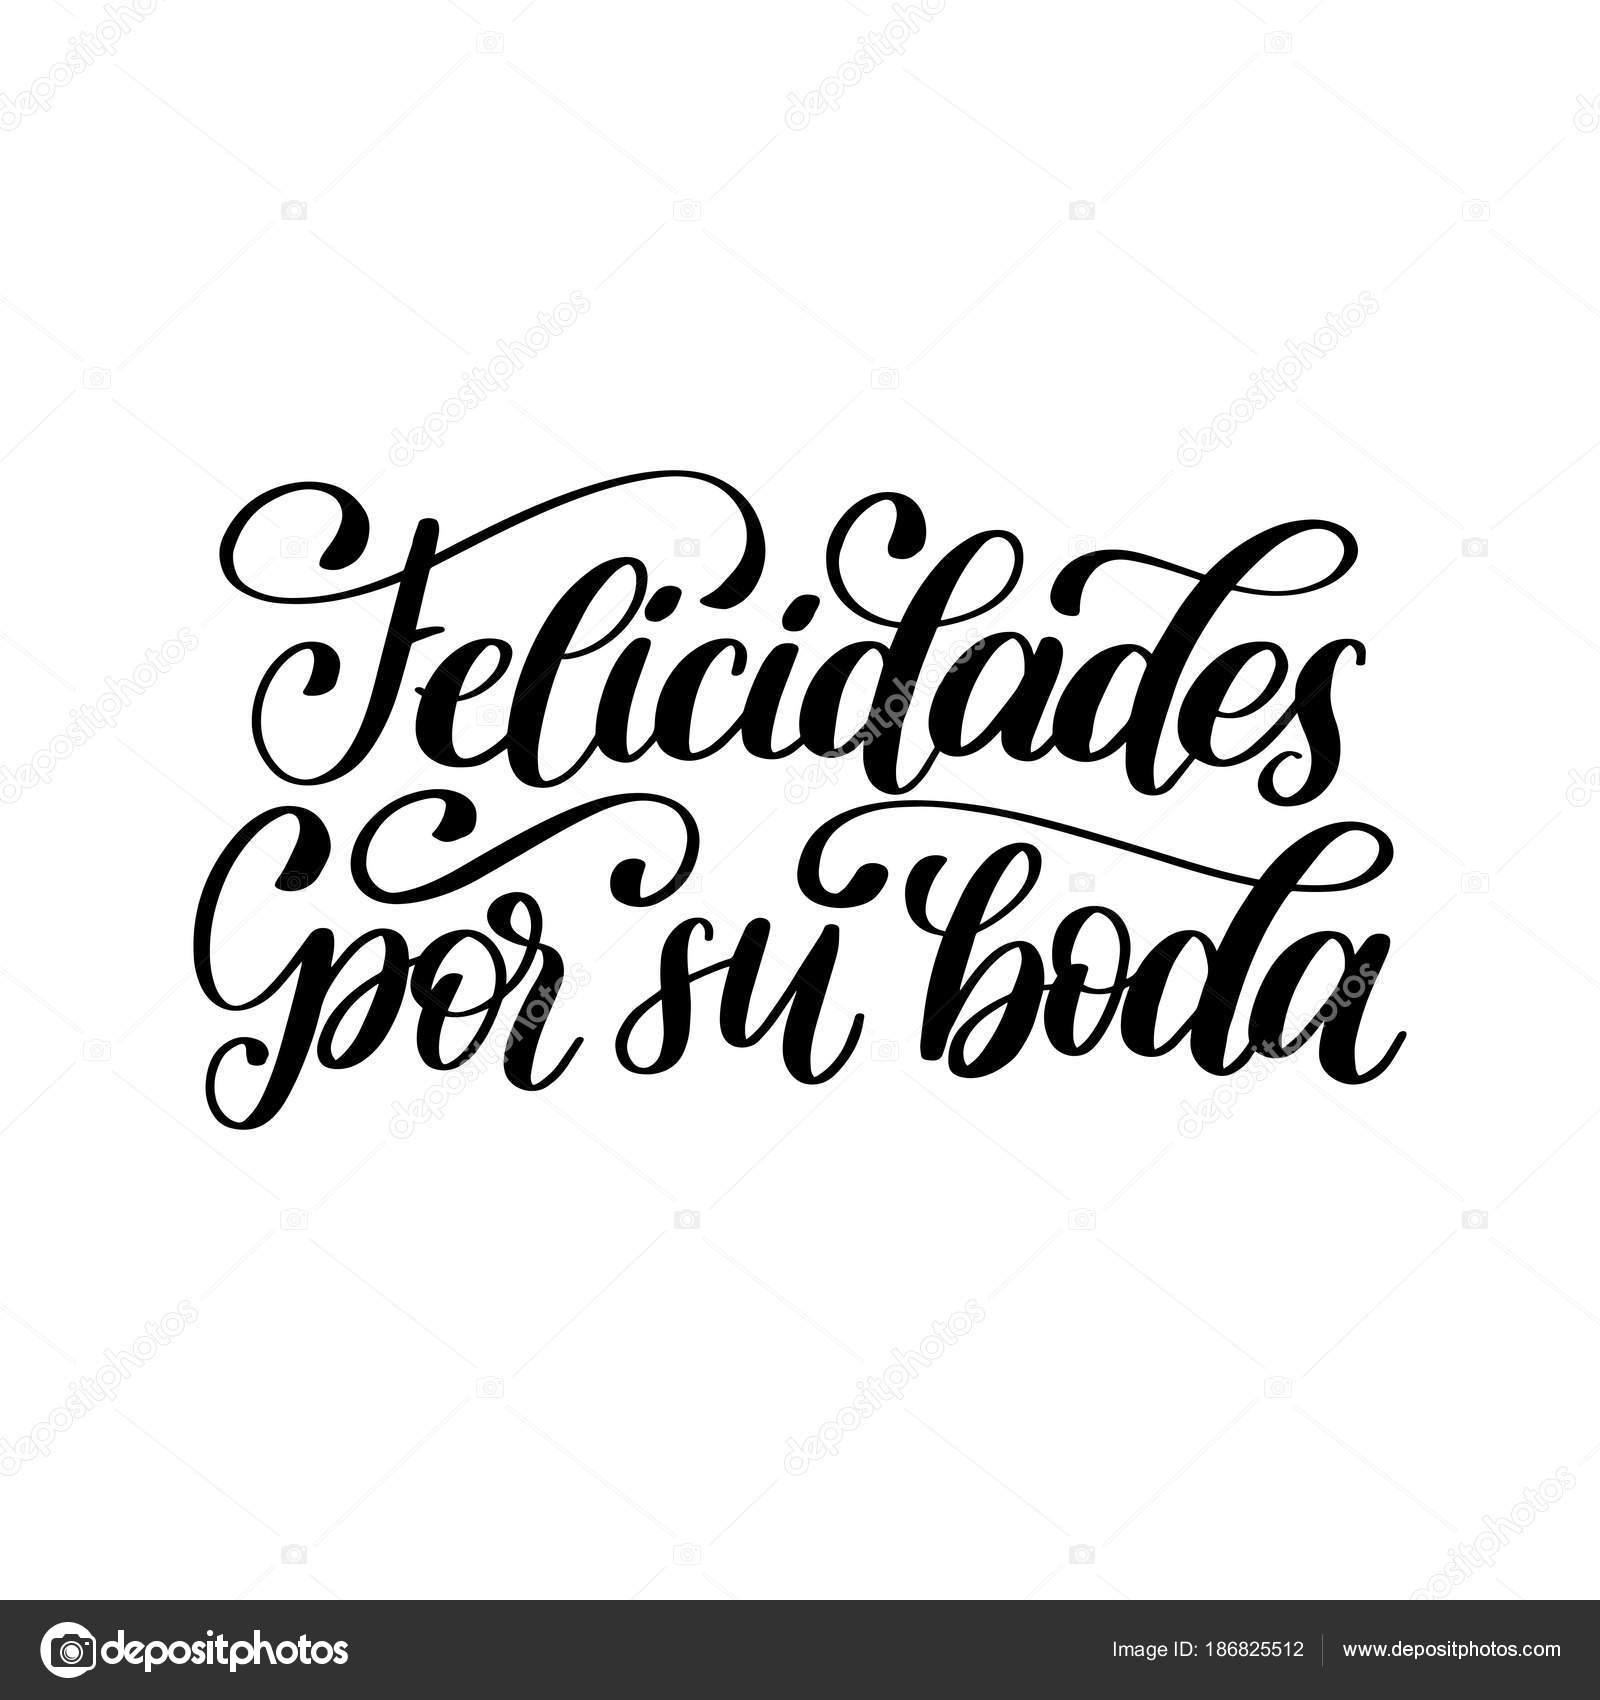 Ubersetzt Aus Dem Spanischen Handschriftliche Ausdruck Herzlichen